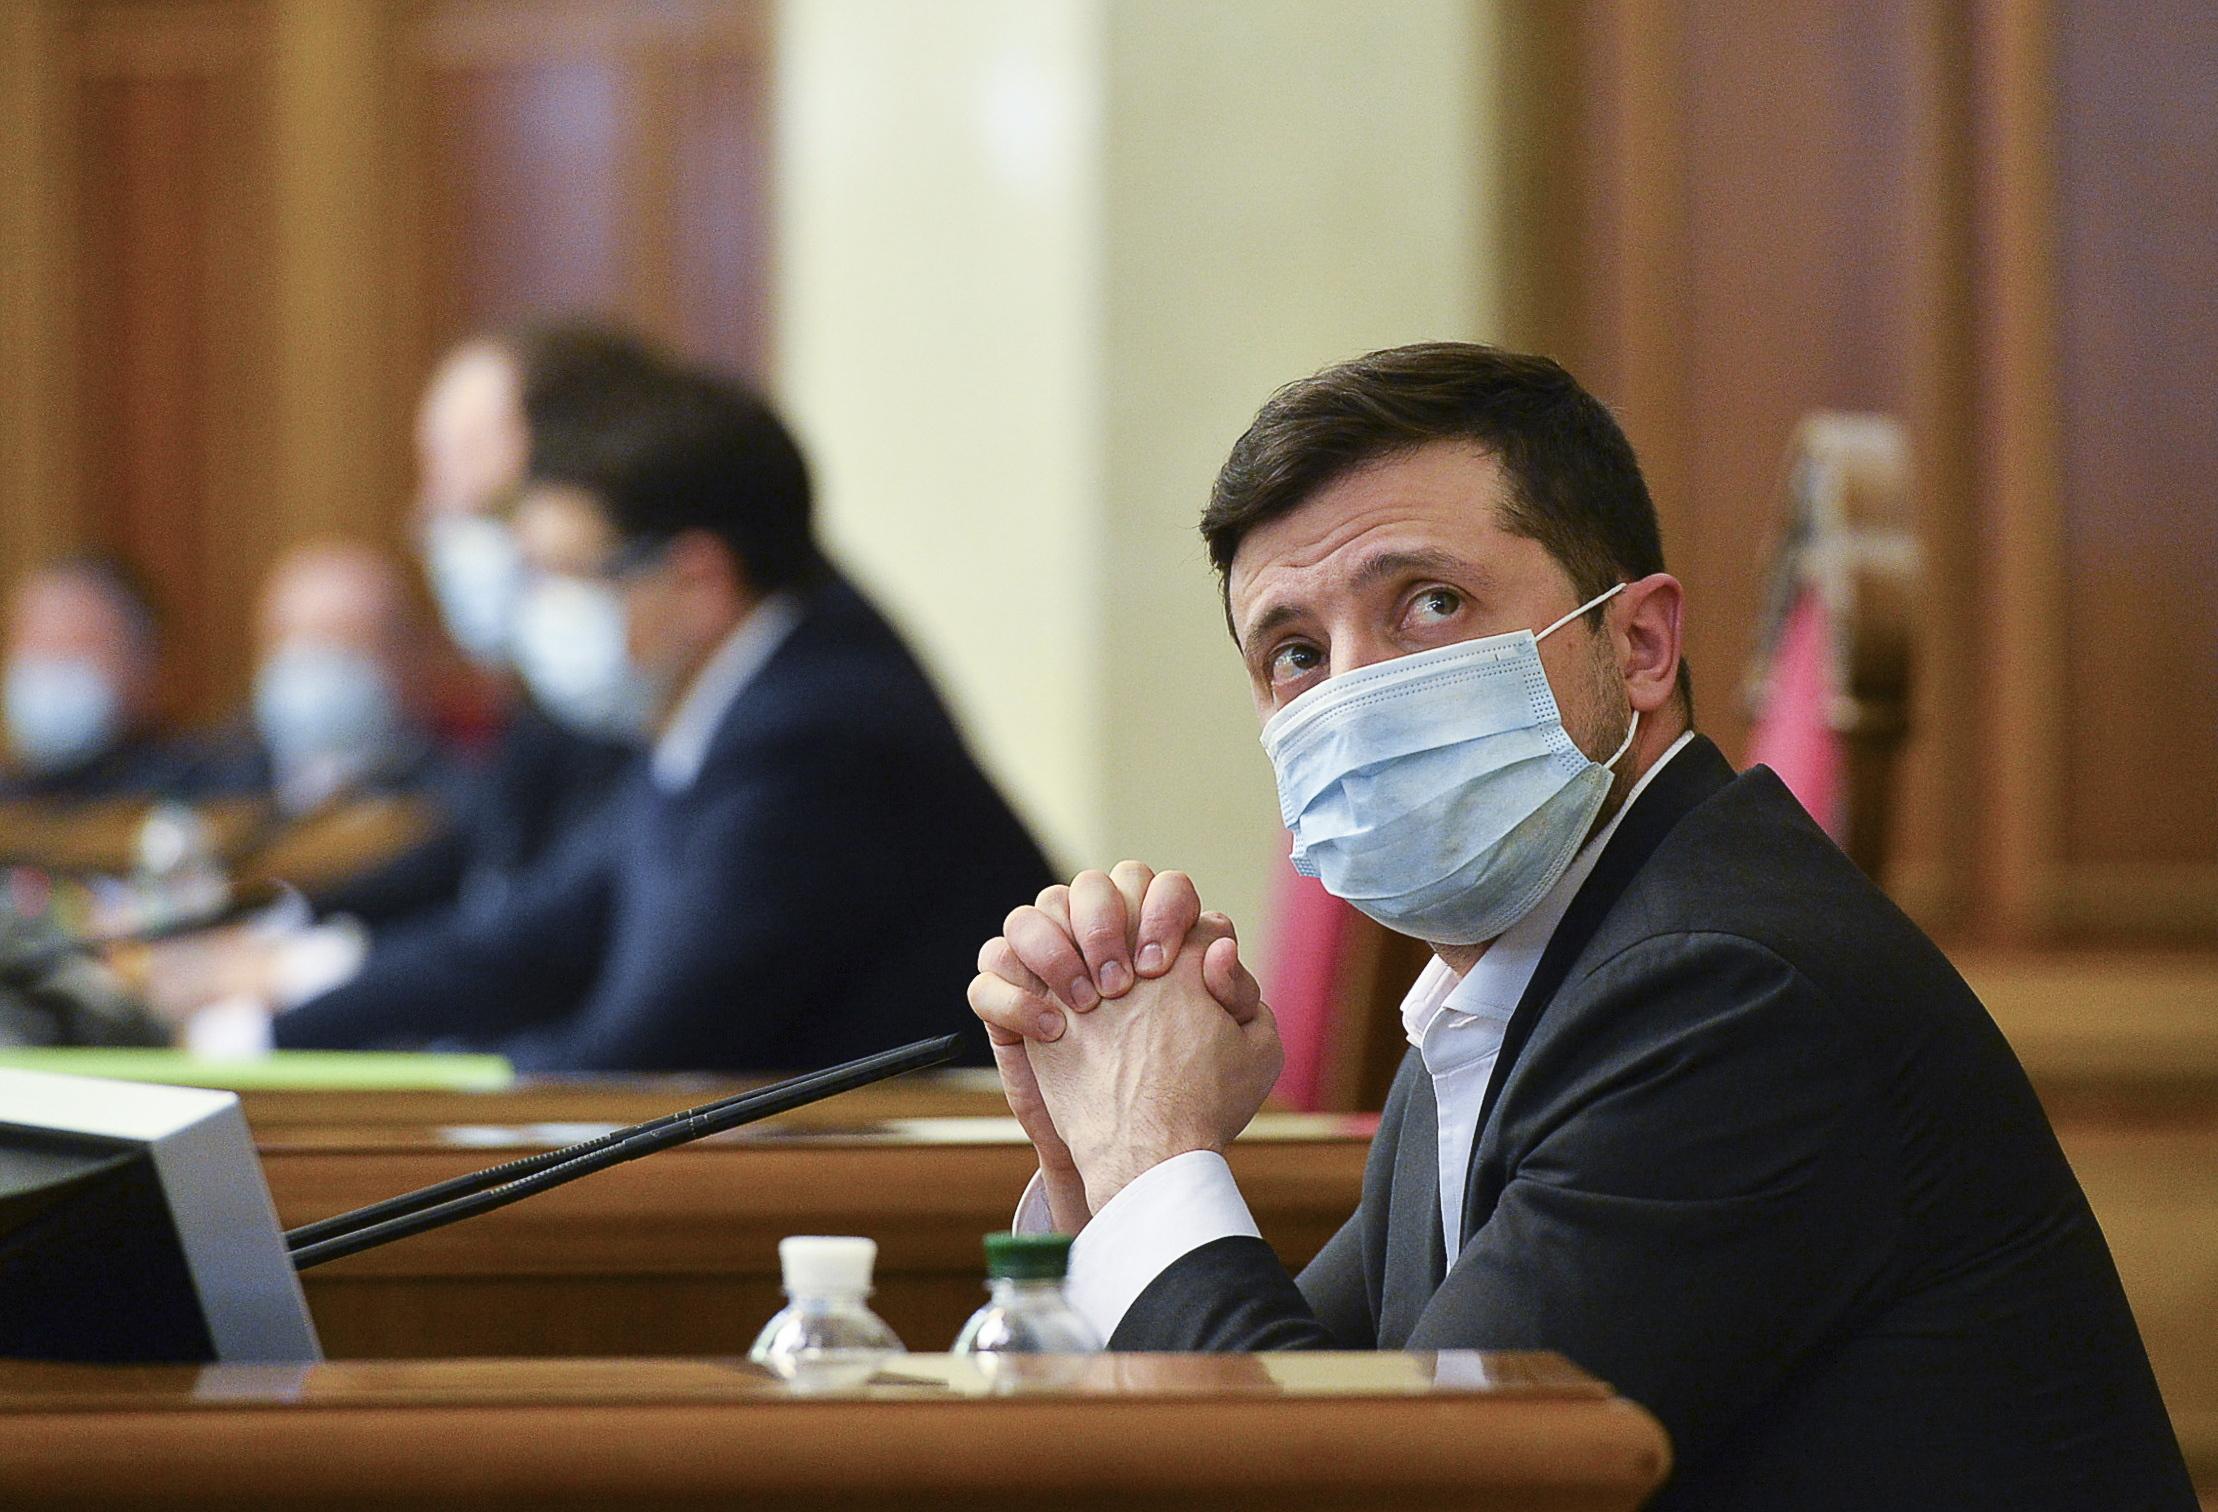 Actor Porno En Parlamento el duro año de aprendizaje de un actor convertido en jefe de